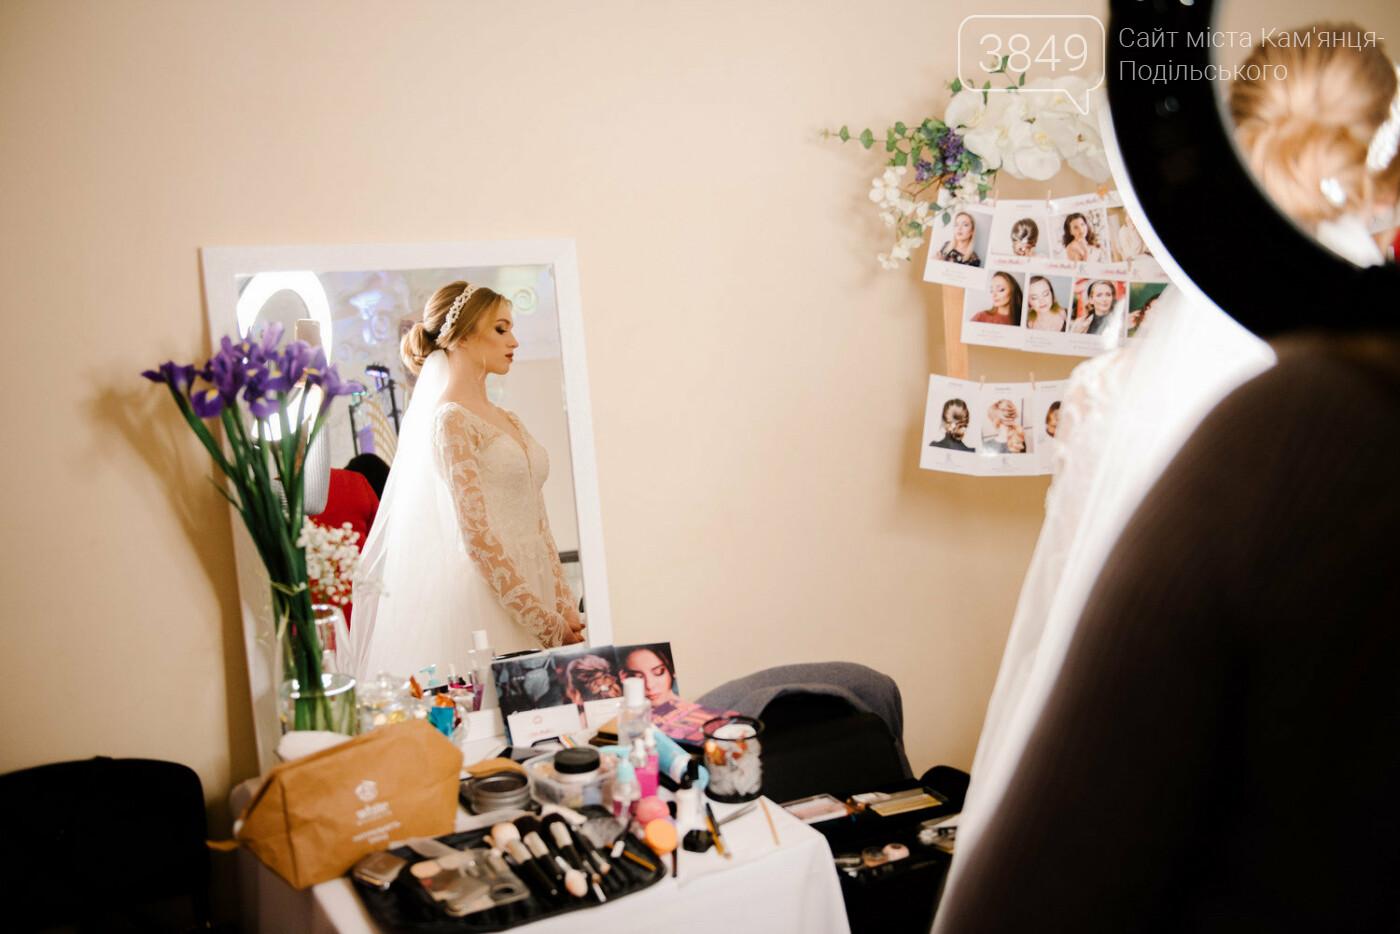 Весна у Кам'янець-Подільський прийшла разом із грандіозною весільною виставкою, фото-5, Фото: Артем Звінко